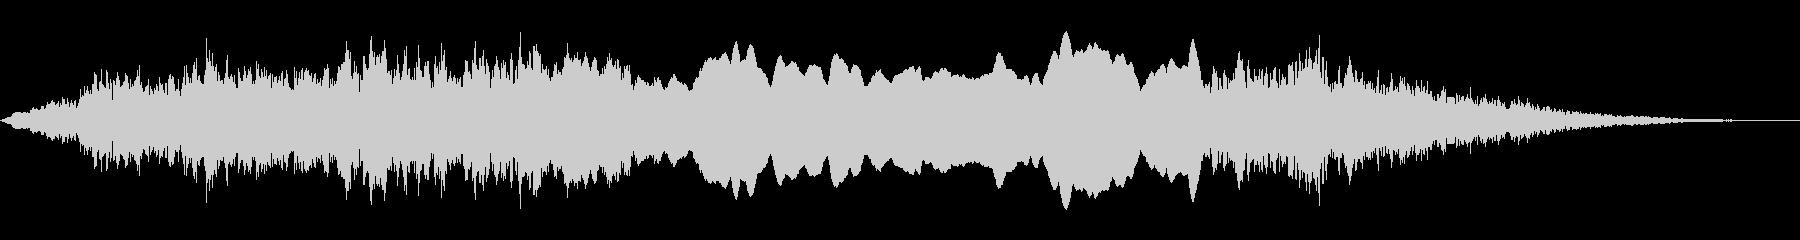 サイレン・警報の未再生の波形